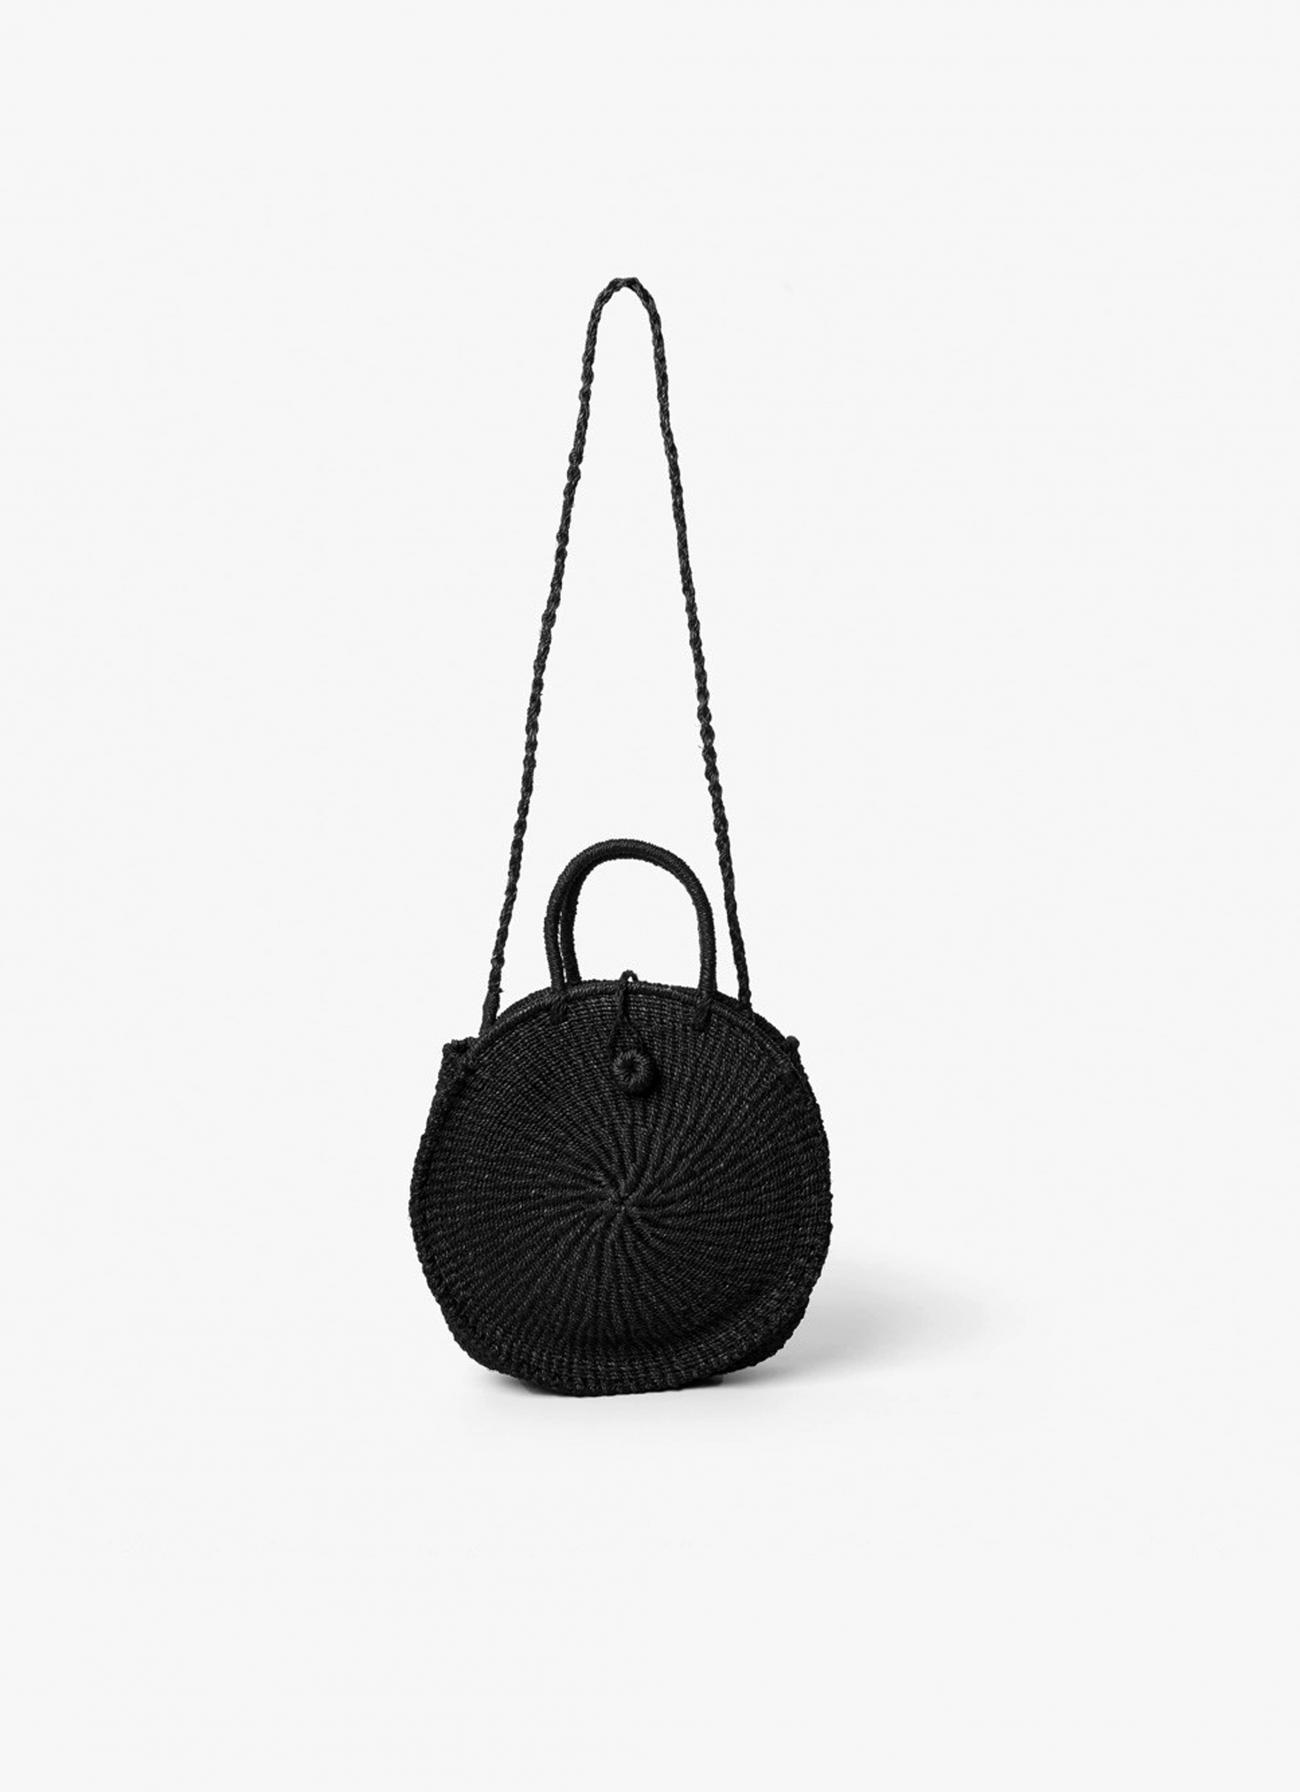 Abaca Ticao Bag Black